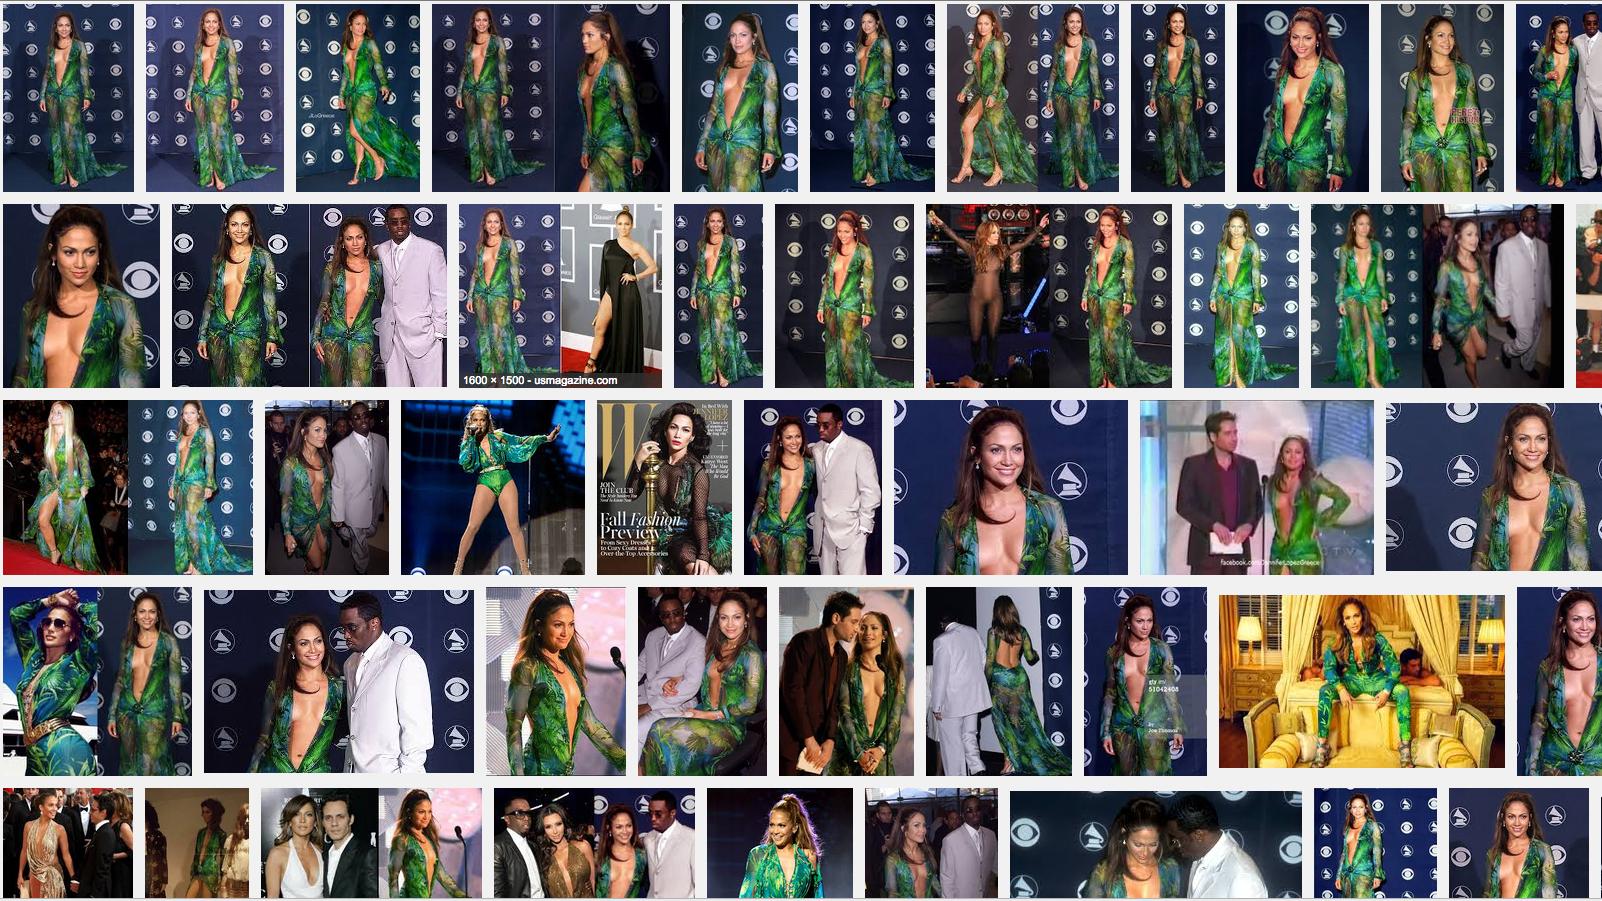 A Google image search of Jennifer Lopez's Grammy Awards dress